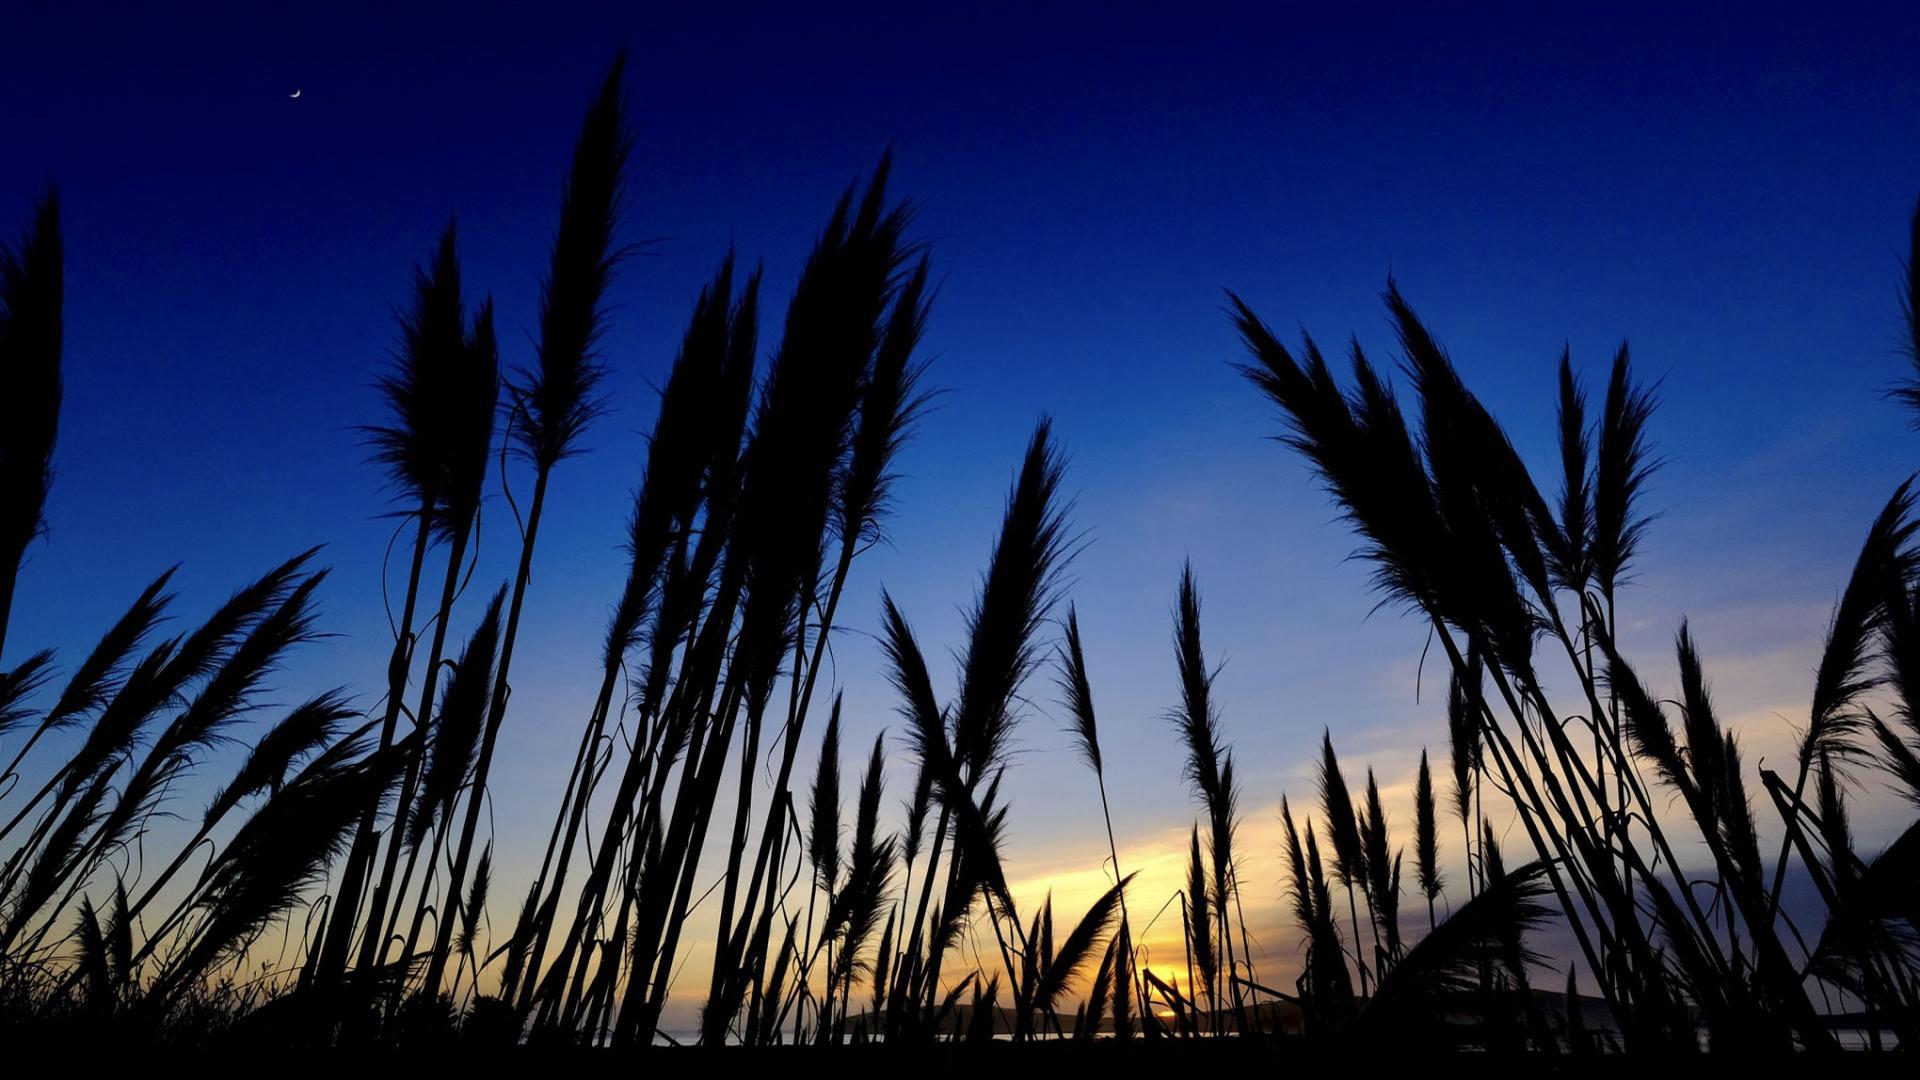 California coast and sunset